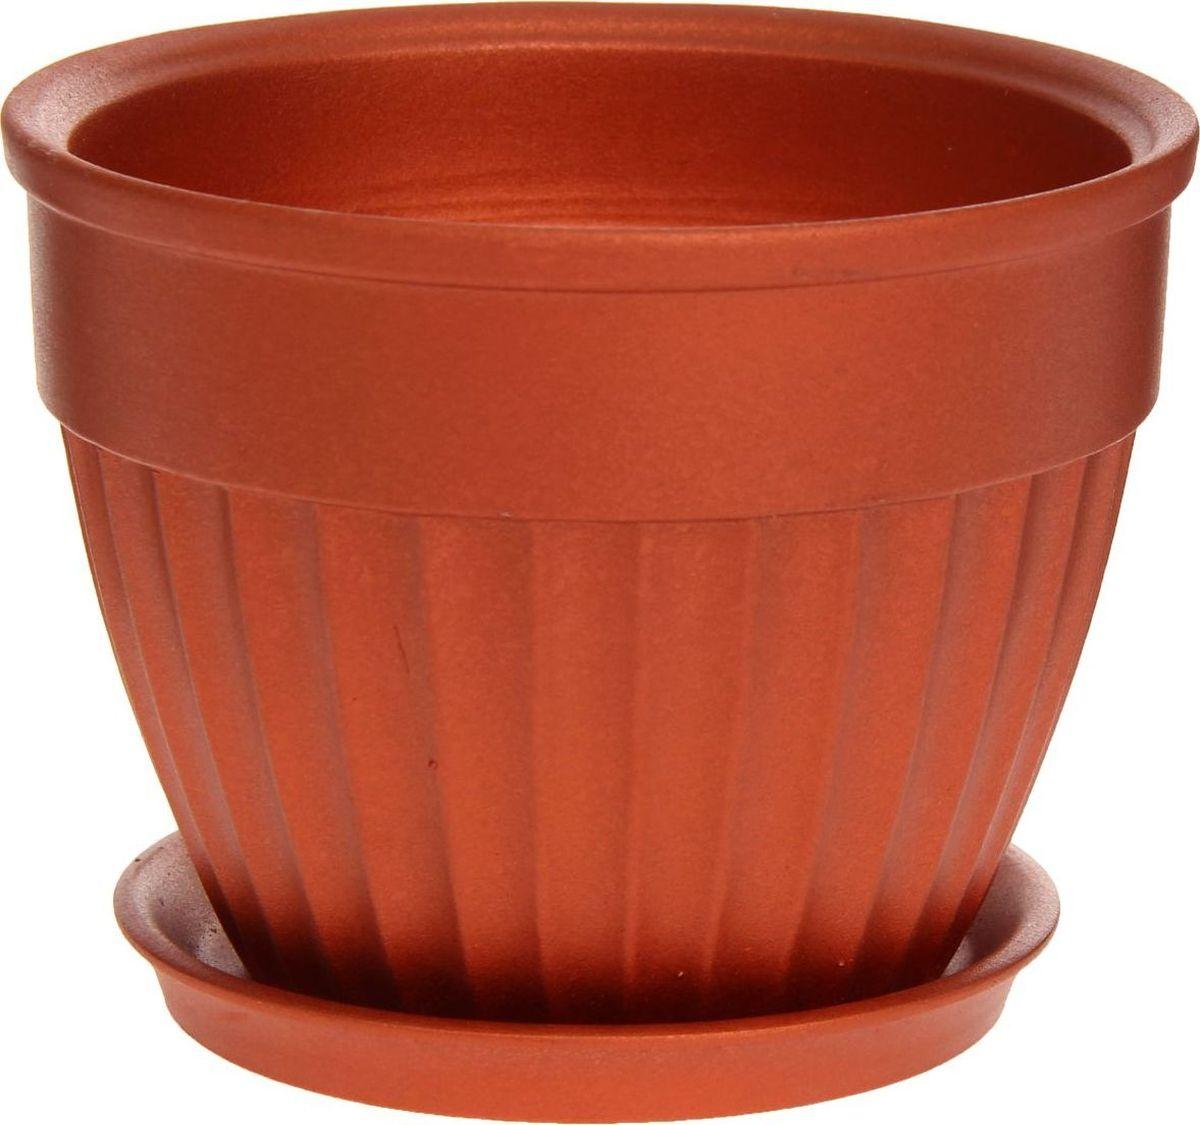 Кашпо Керамика ручной работы Ромашка, цвет: медный, 1 л1170390Комнатные растения — всеобщие любимцы. Они радуют глаз, насыщают помещение кислородом и украшают пространство. Каждому из них необходим свой удобный и красивый дом. Кашпо из керамики прекрасно подходят для высадки растений: за счёт пластичности глины и разных способов обработки существует великое множество форм и дизайновпористый материал позволяет испаряться лишней влагевоздух, необходимый для дыхания корней, проникает сквозь керамические стенки! #name# позаботится о зелёном питомце, освежит интерьер и подчеркнёт его стиль.